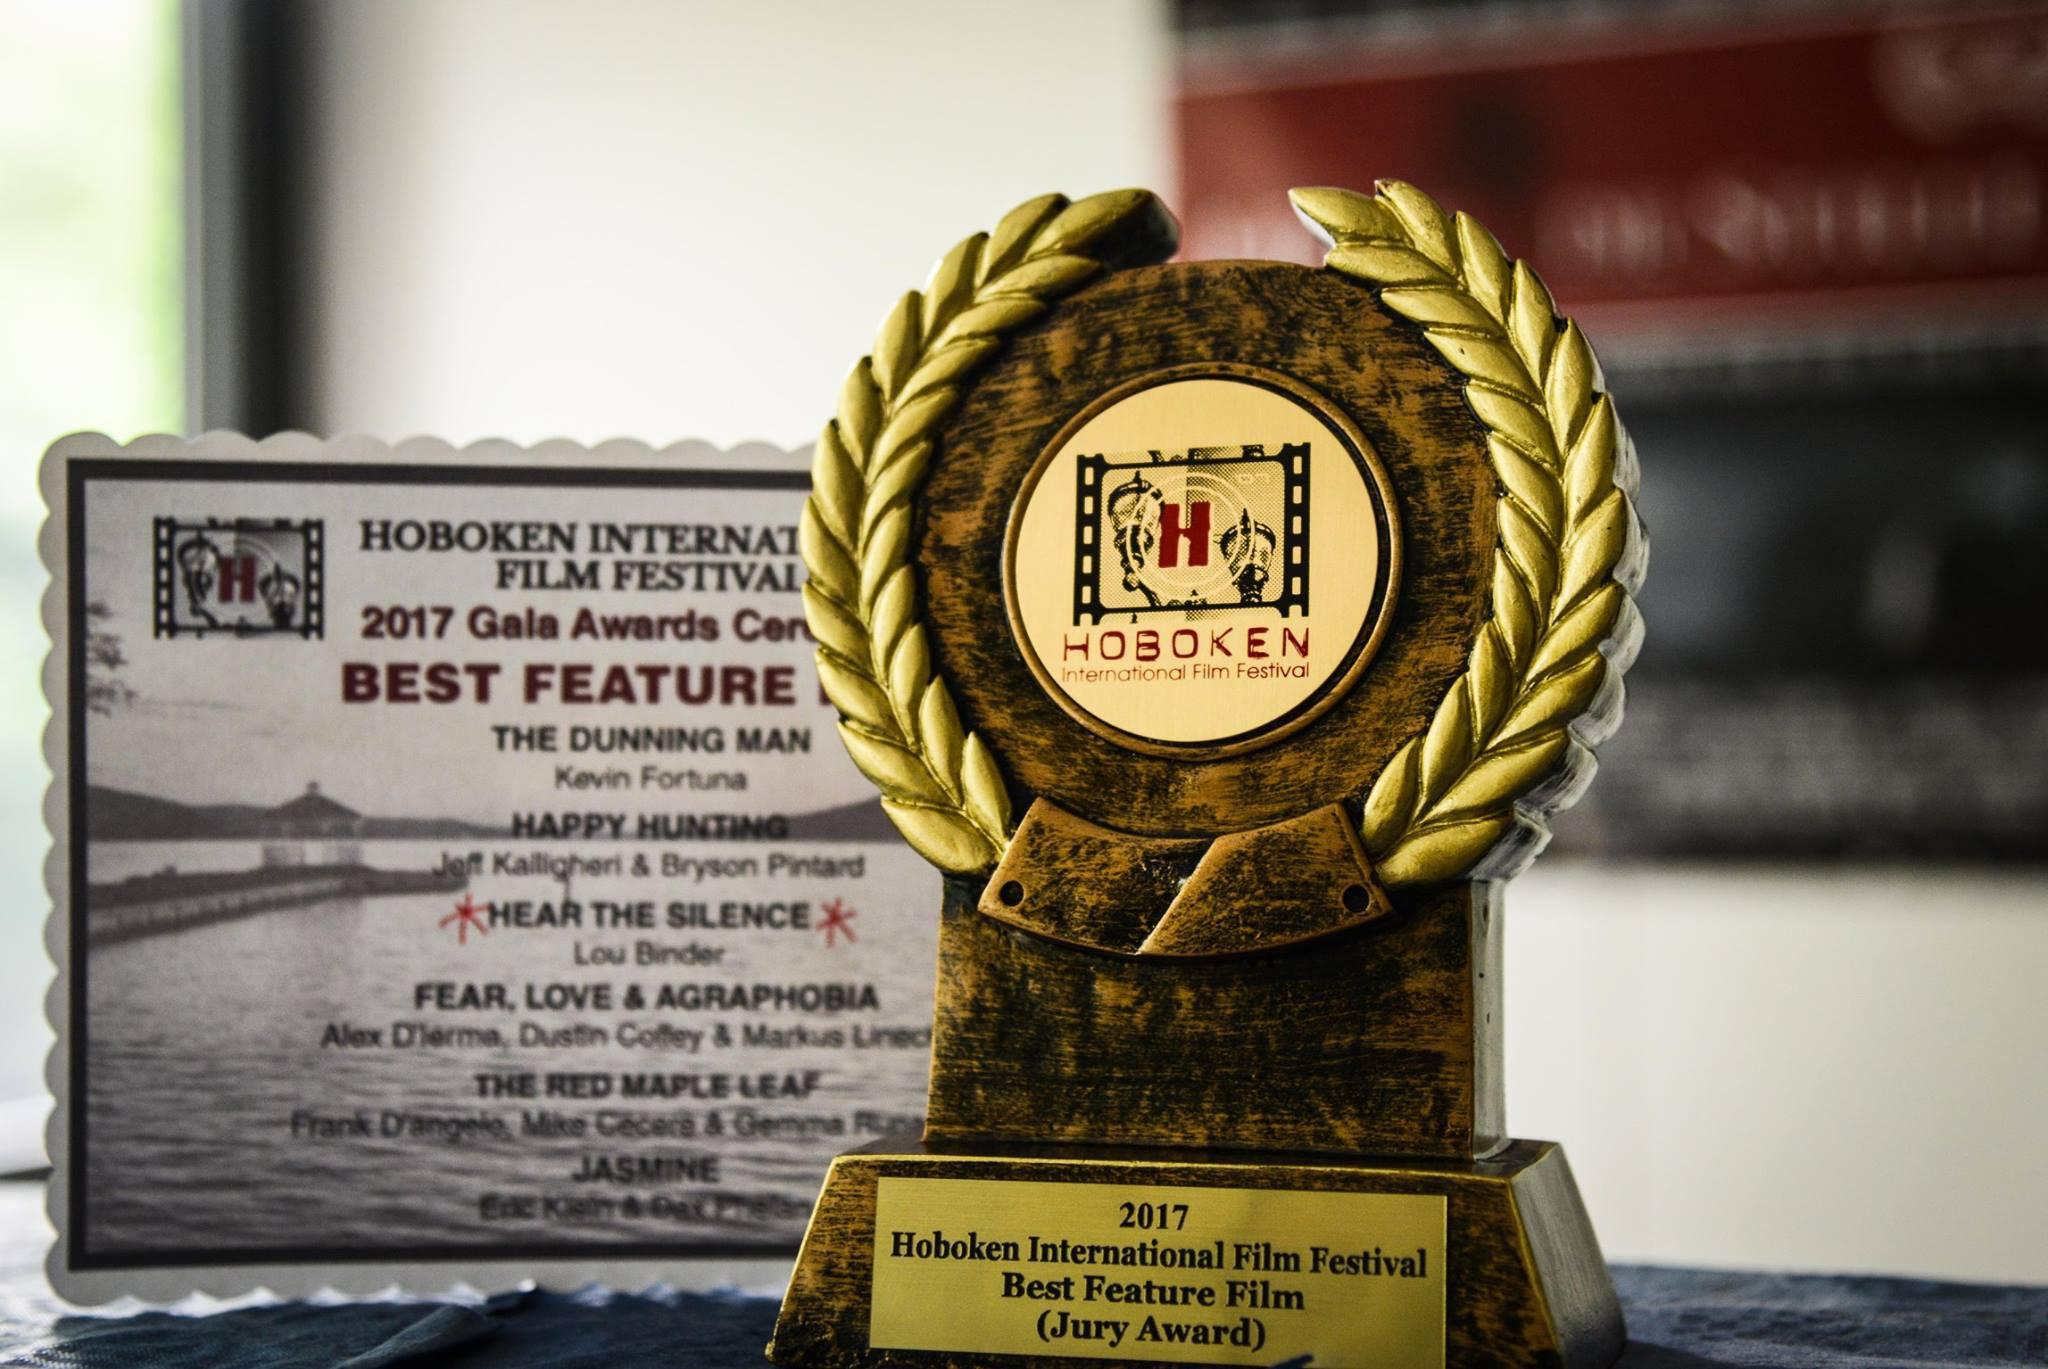 Mfa Projekte Höre Die Stille Ist Erneut Best Feature Film